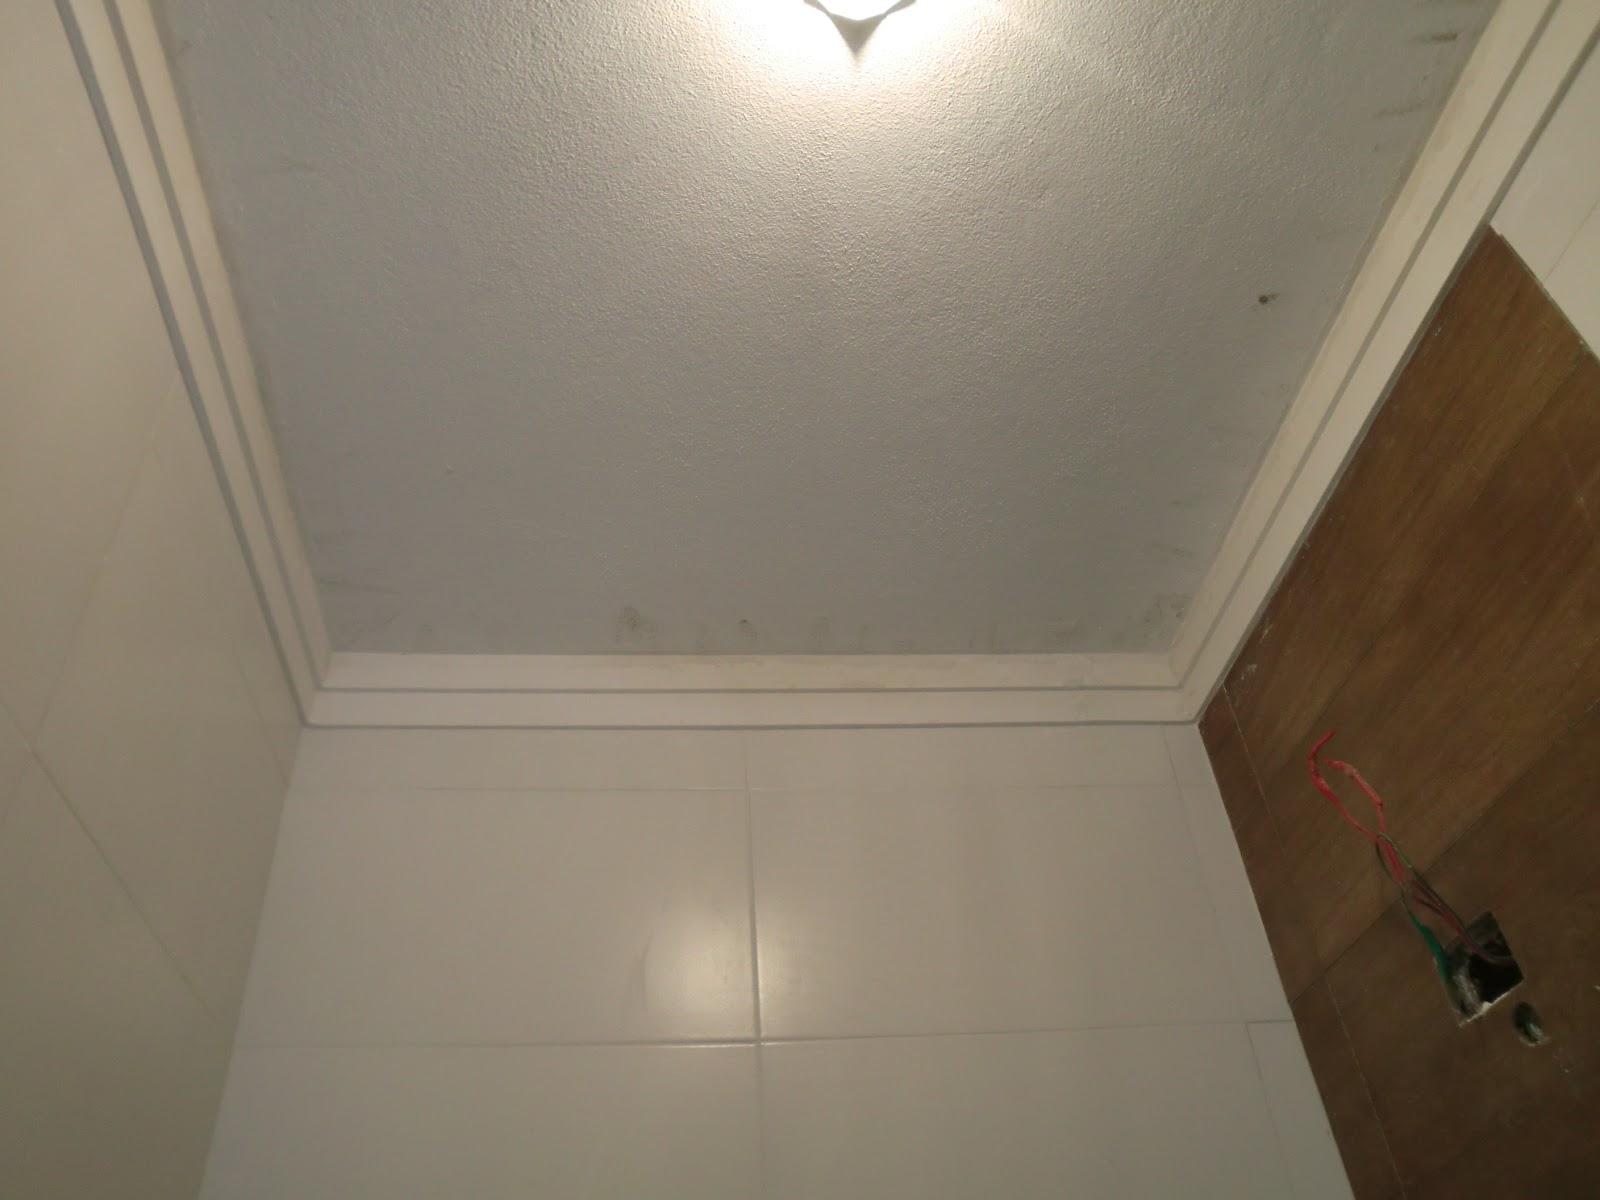 Imagens de #46301C Como esta ficando a reforma do banheiro pequeno Nicho com pastilhas  1600x1200 px 3604 Banheiros Super Simples